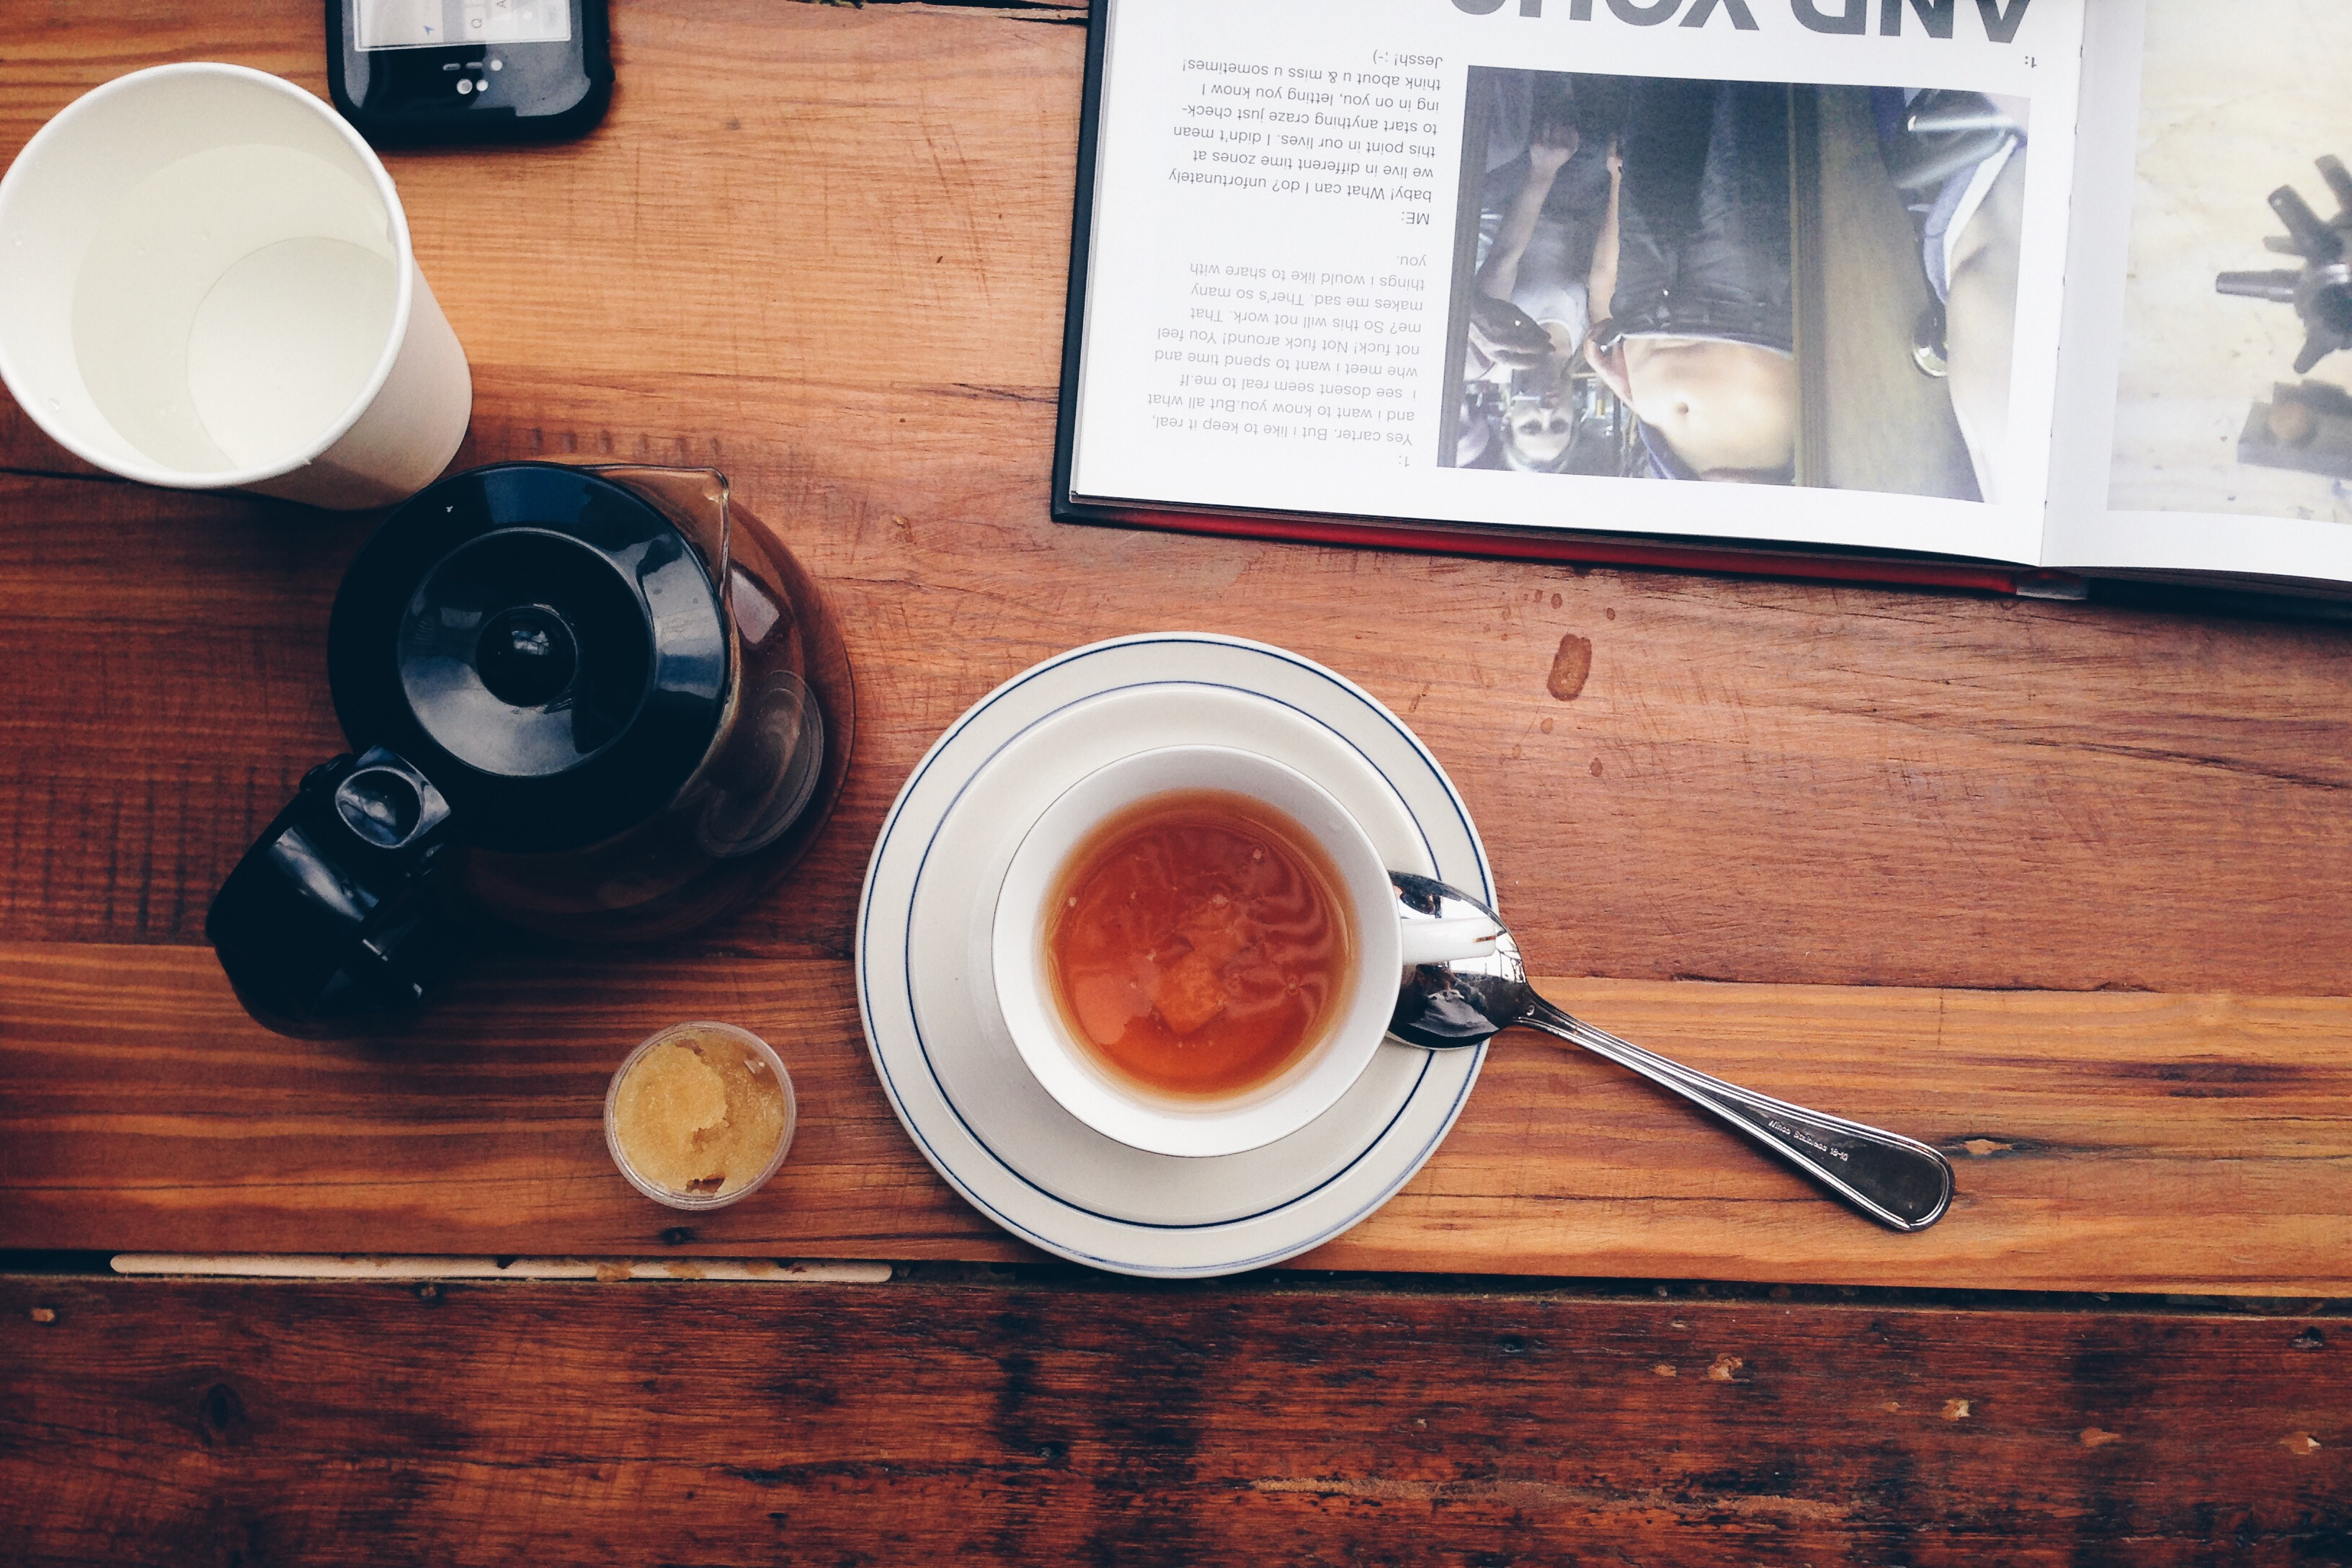 Break, Coffee, Heat, Hot, Newspaper, HQ Photo